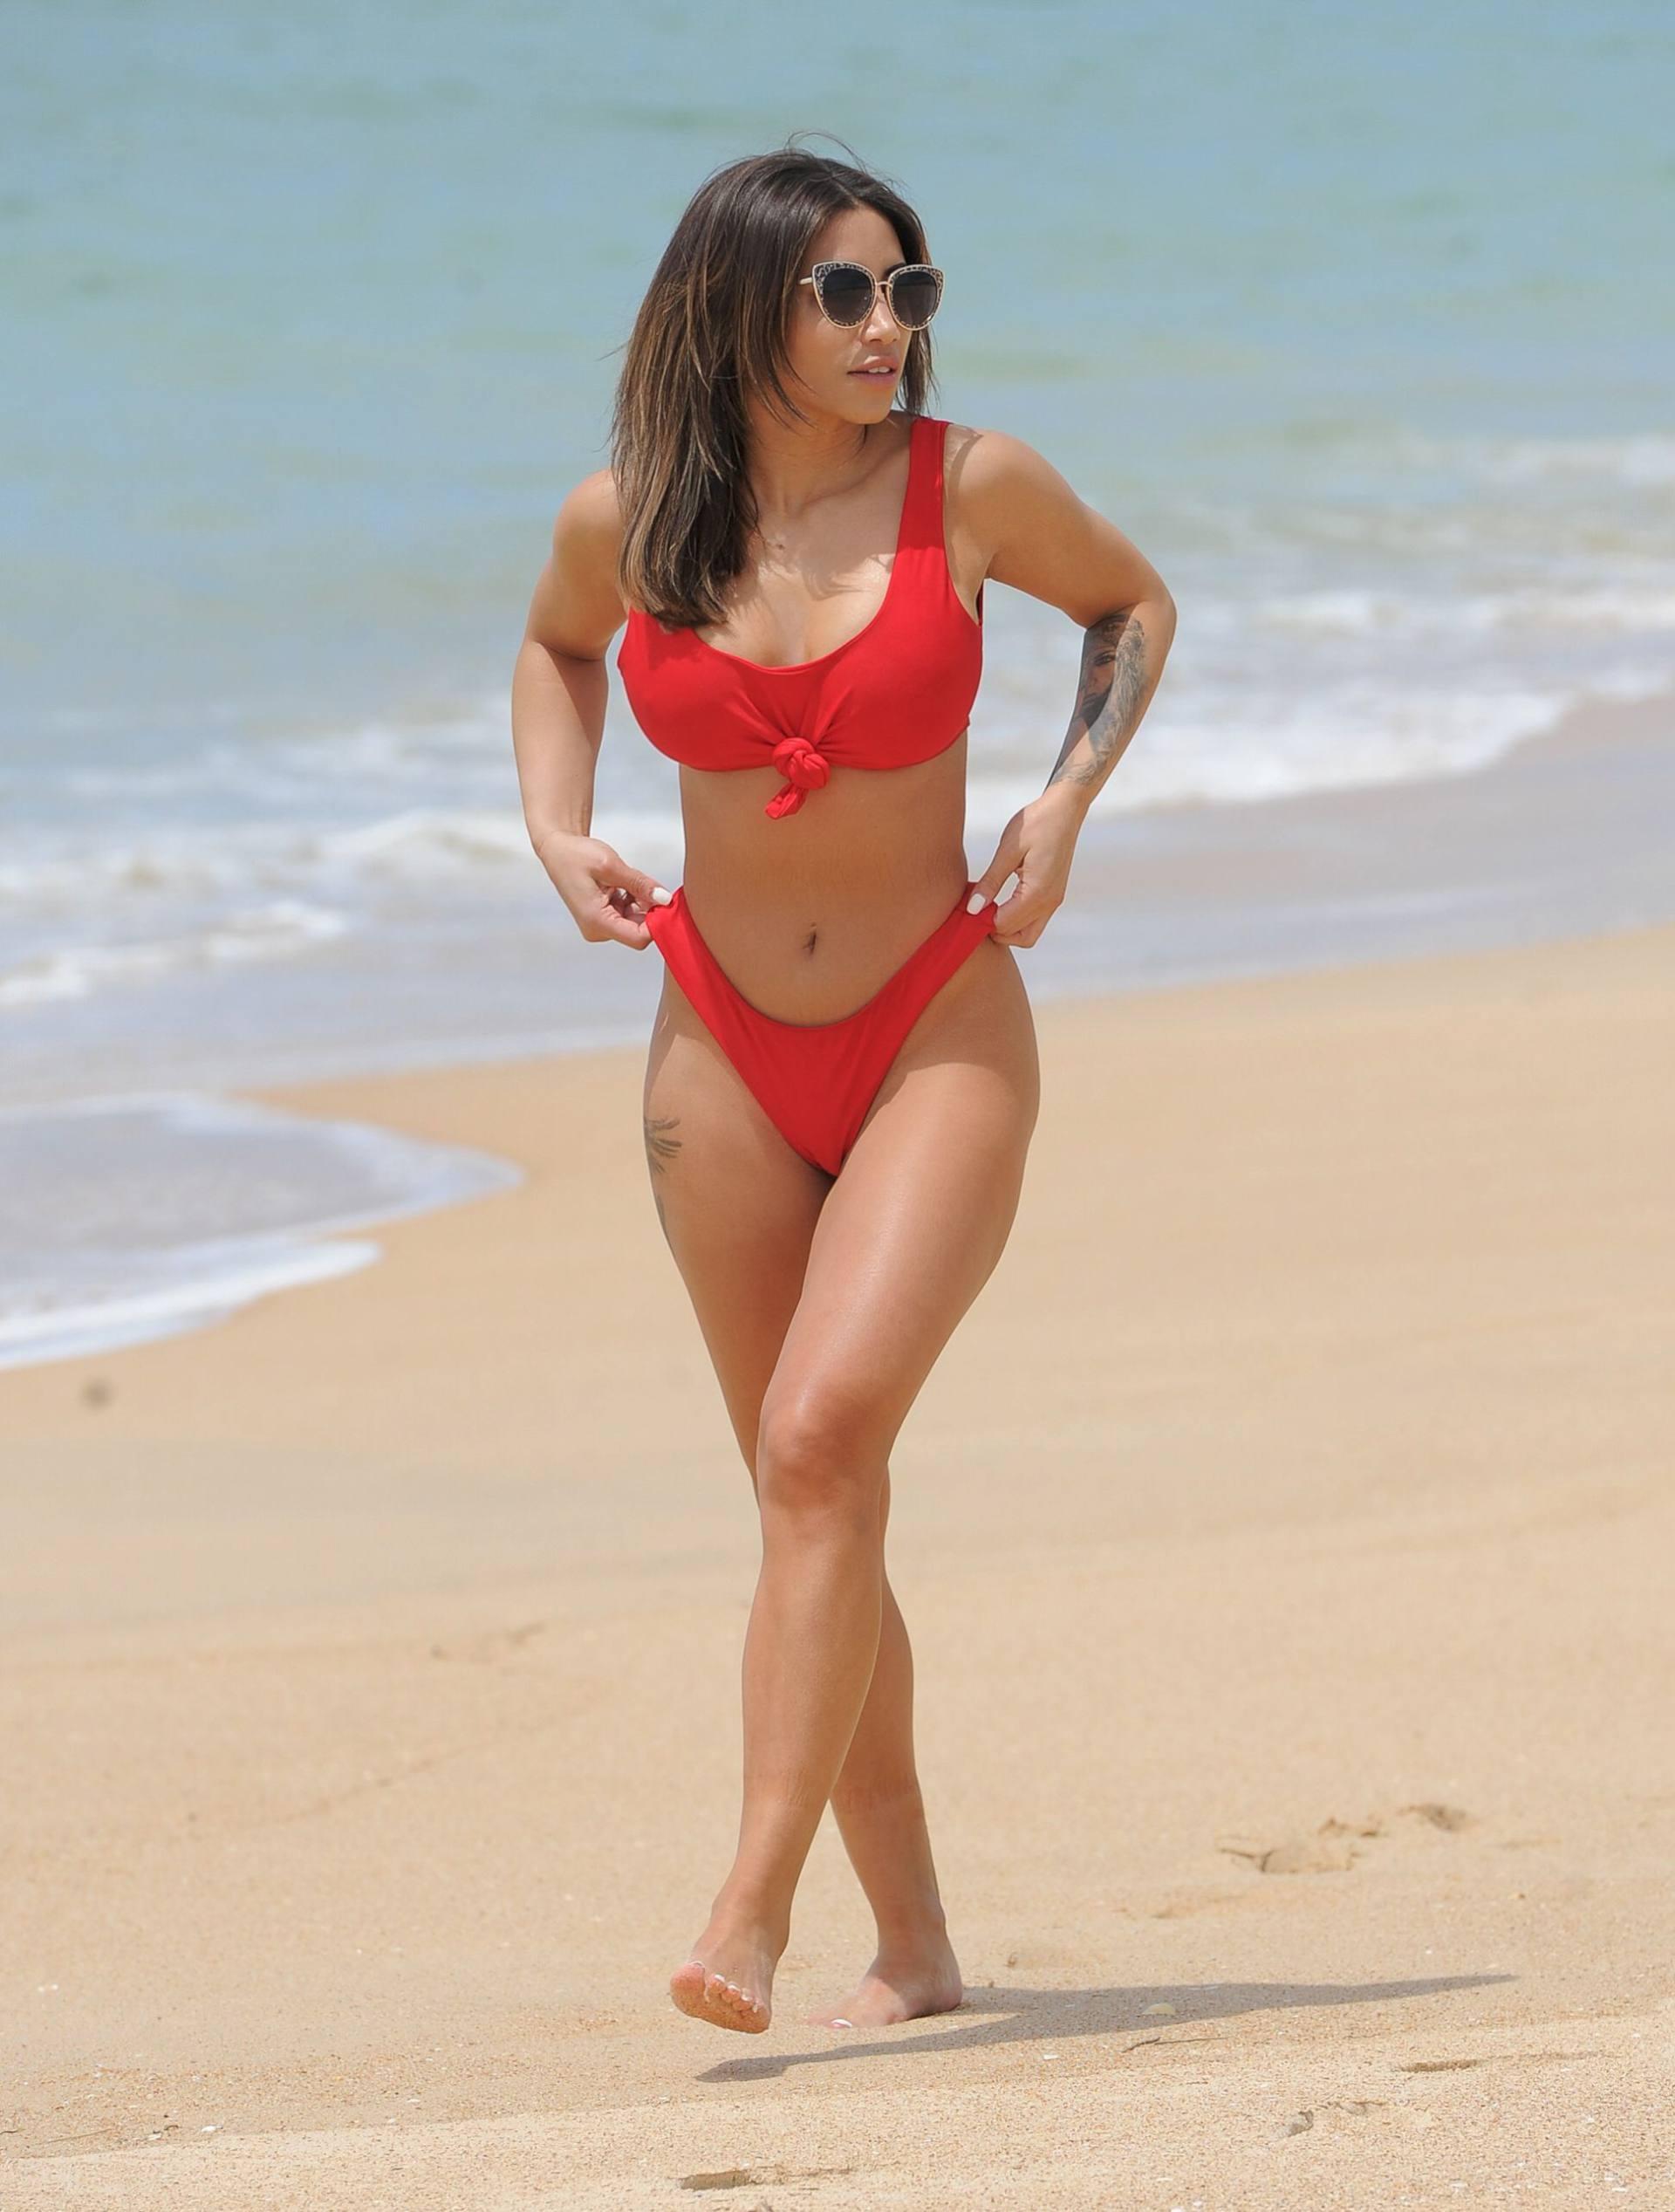 Kayleigh Morris Big Ass In Sexy Bikini